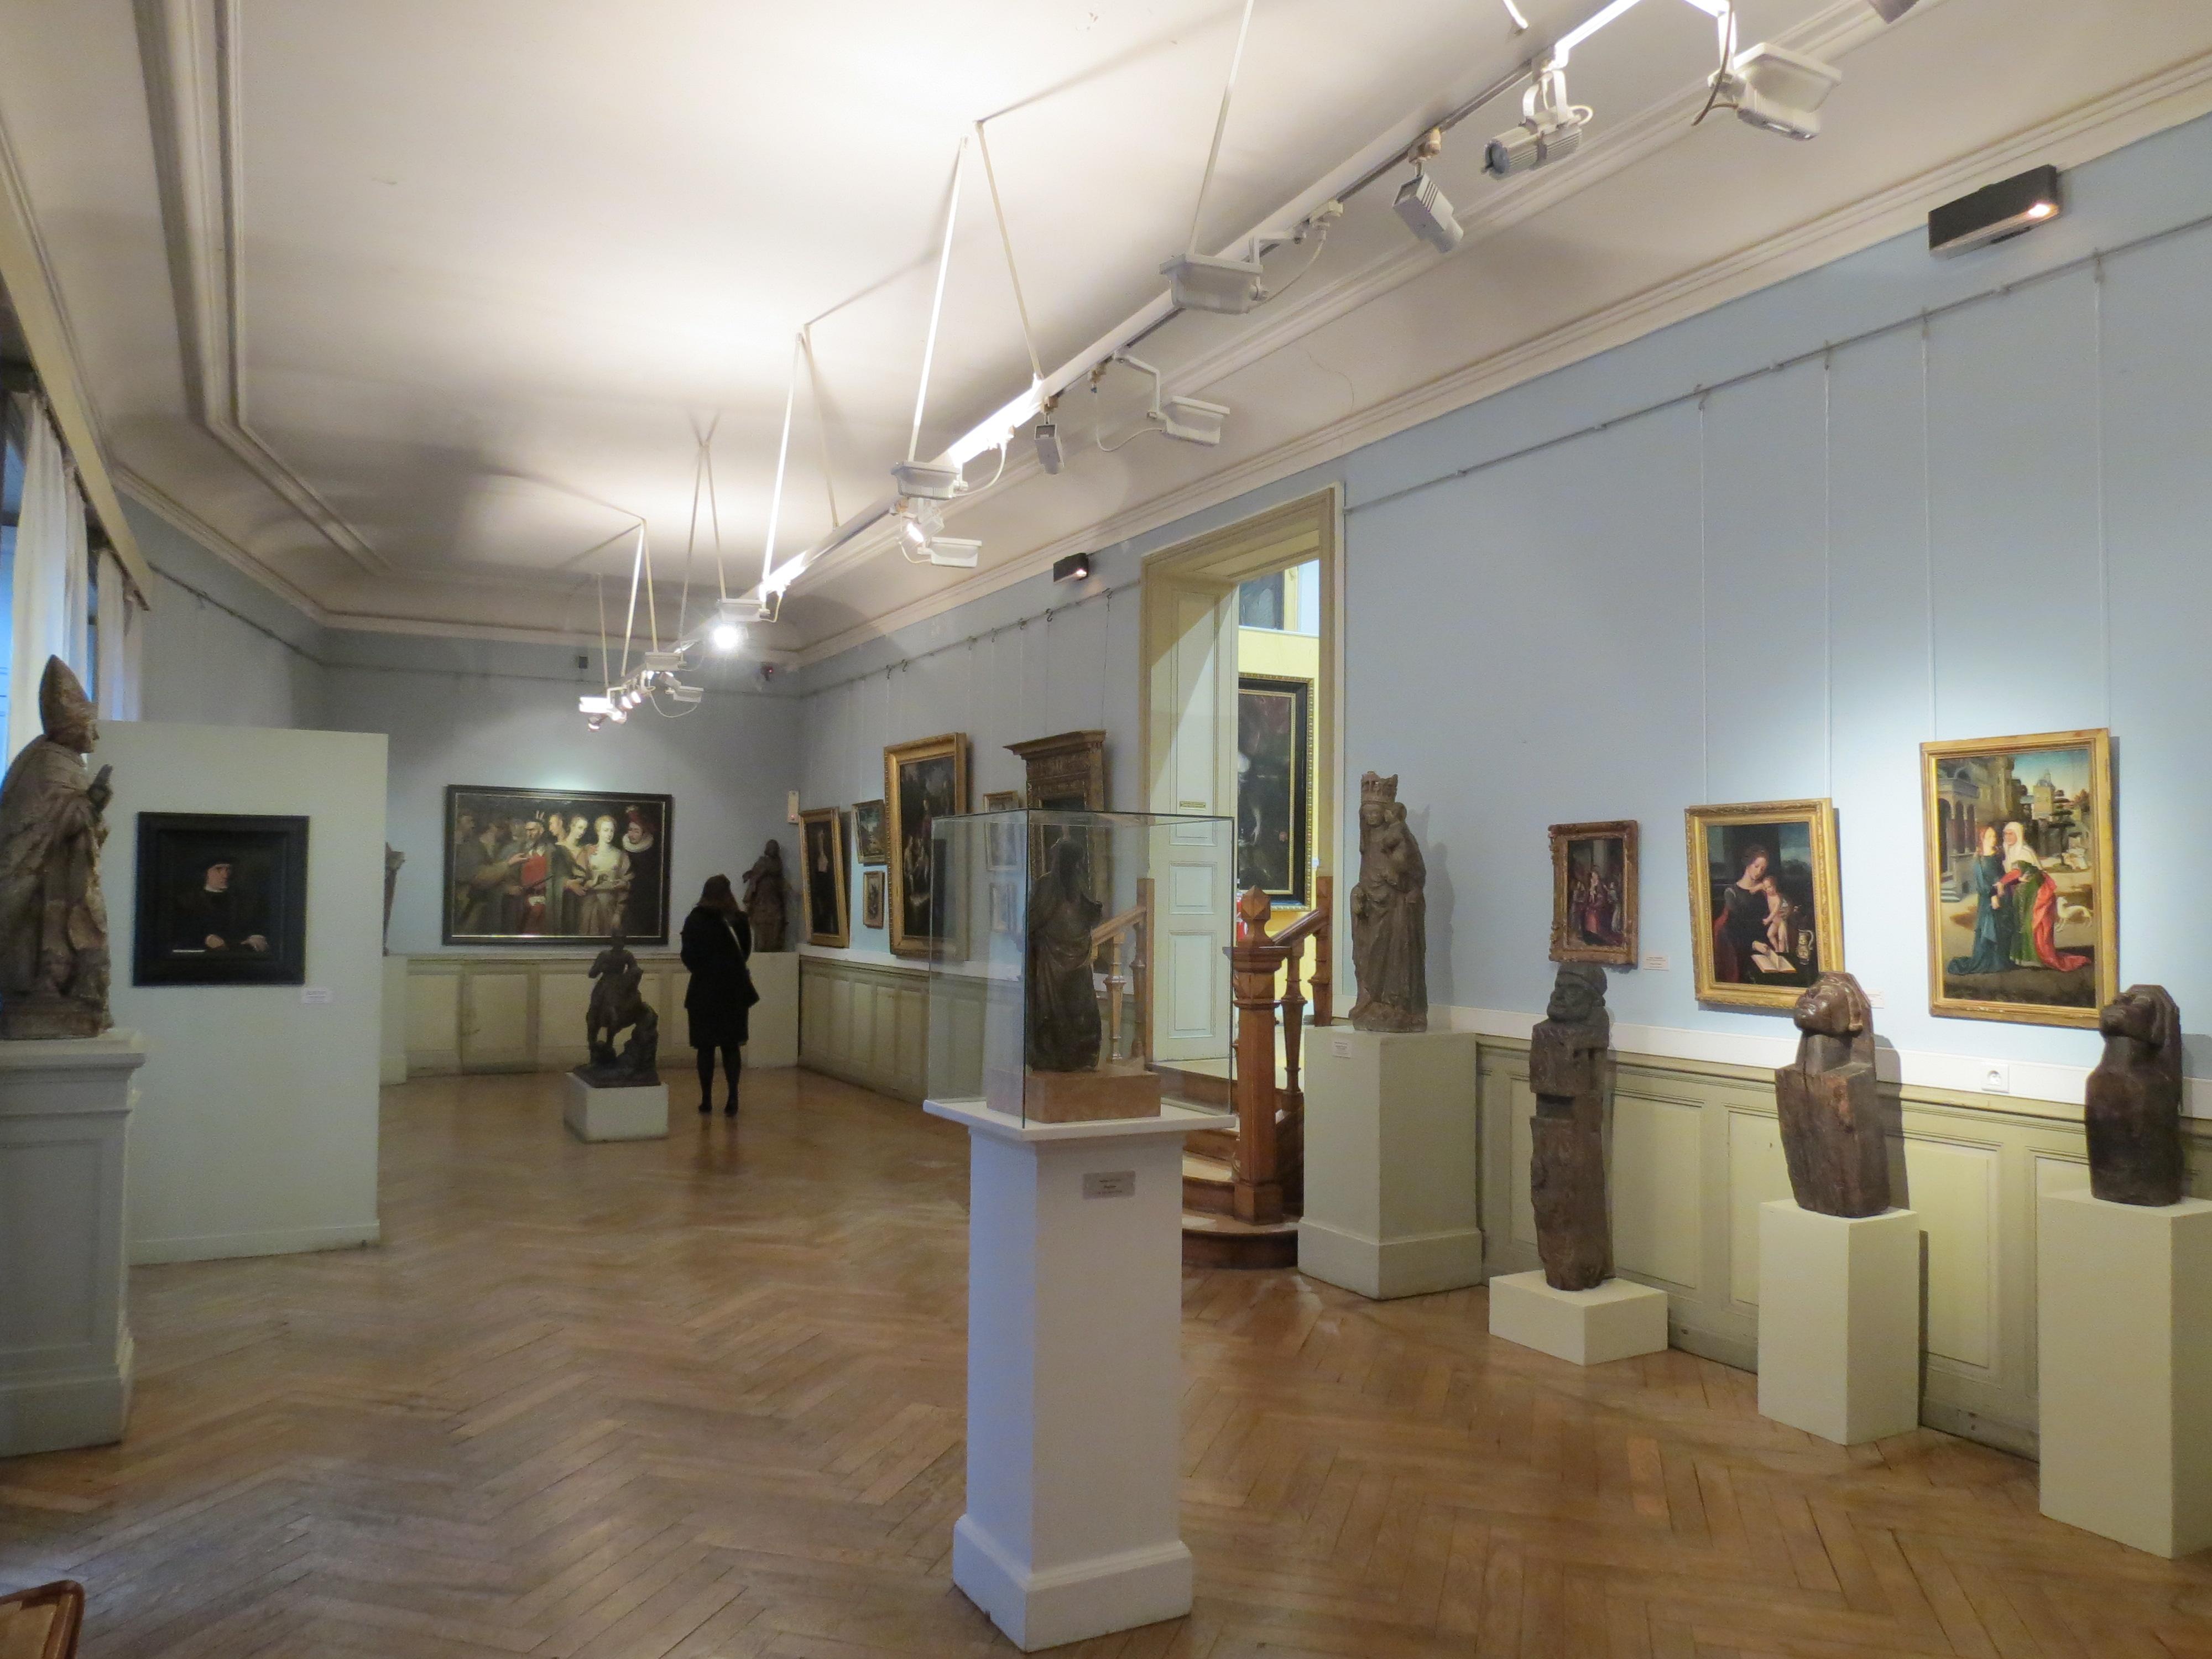 Musee des Beaux Arts